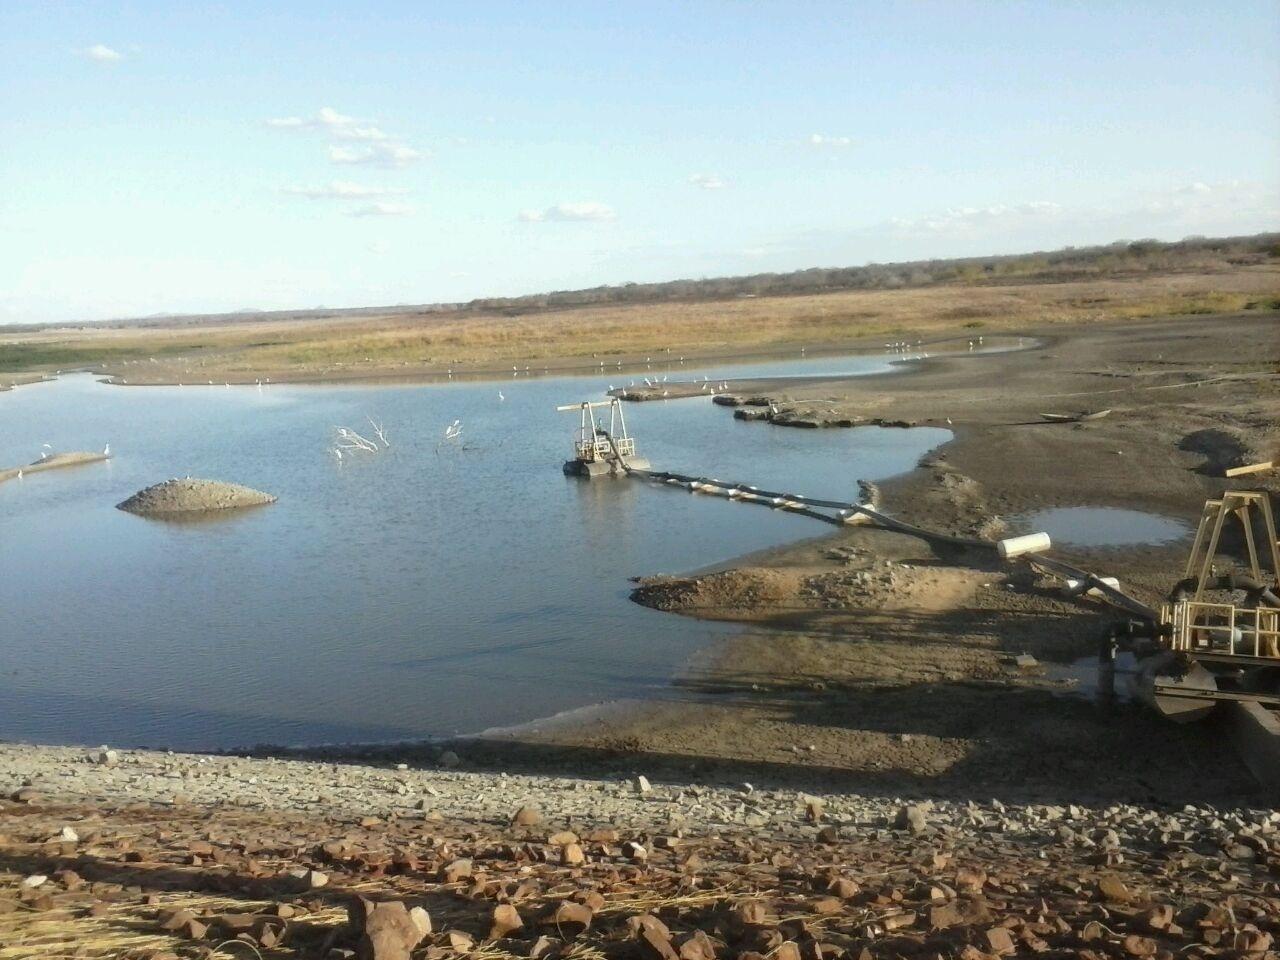 8.set.2015 - Barragem de Pau dos Ferros, no oeste do Rio Grande do Norte, usa o volume morto para abastecer o município